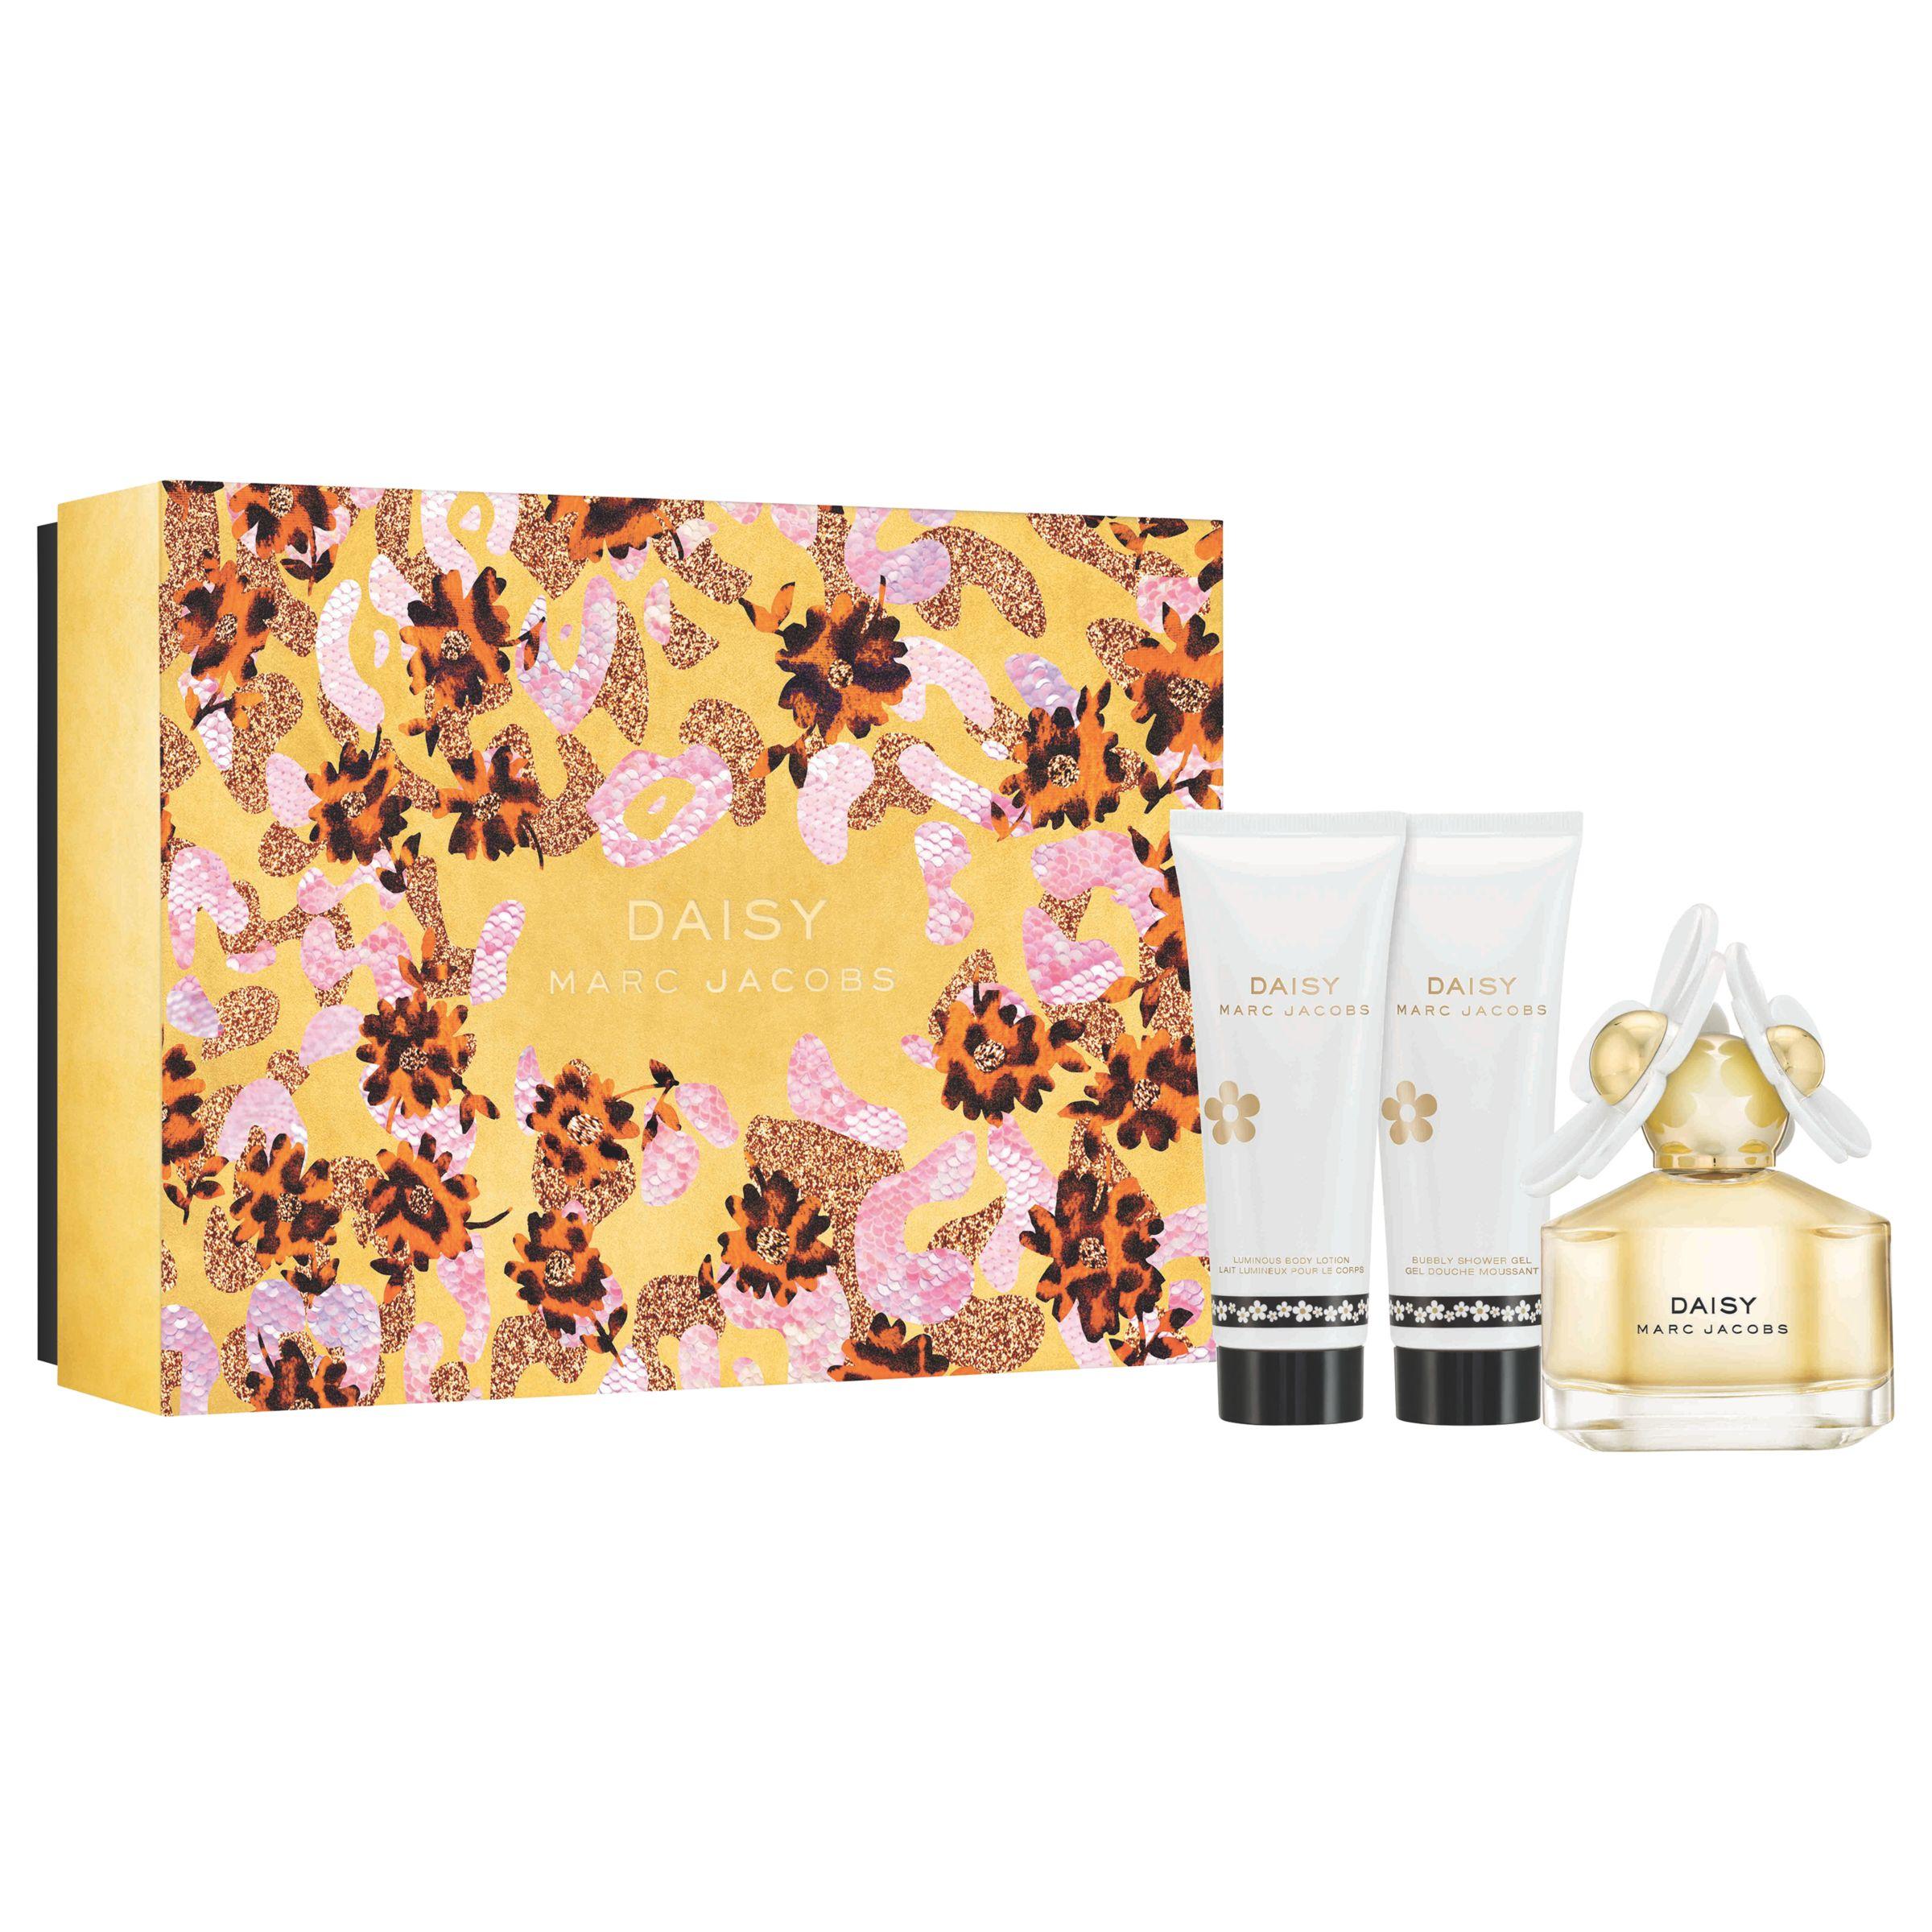 MARC JACOBS DAISY Eau de Toilette Spray 50ml Gift Set